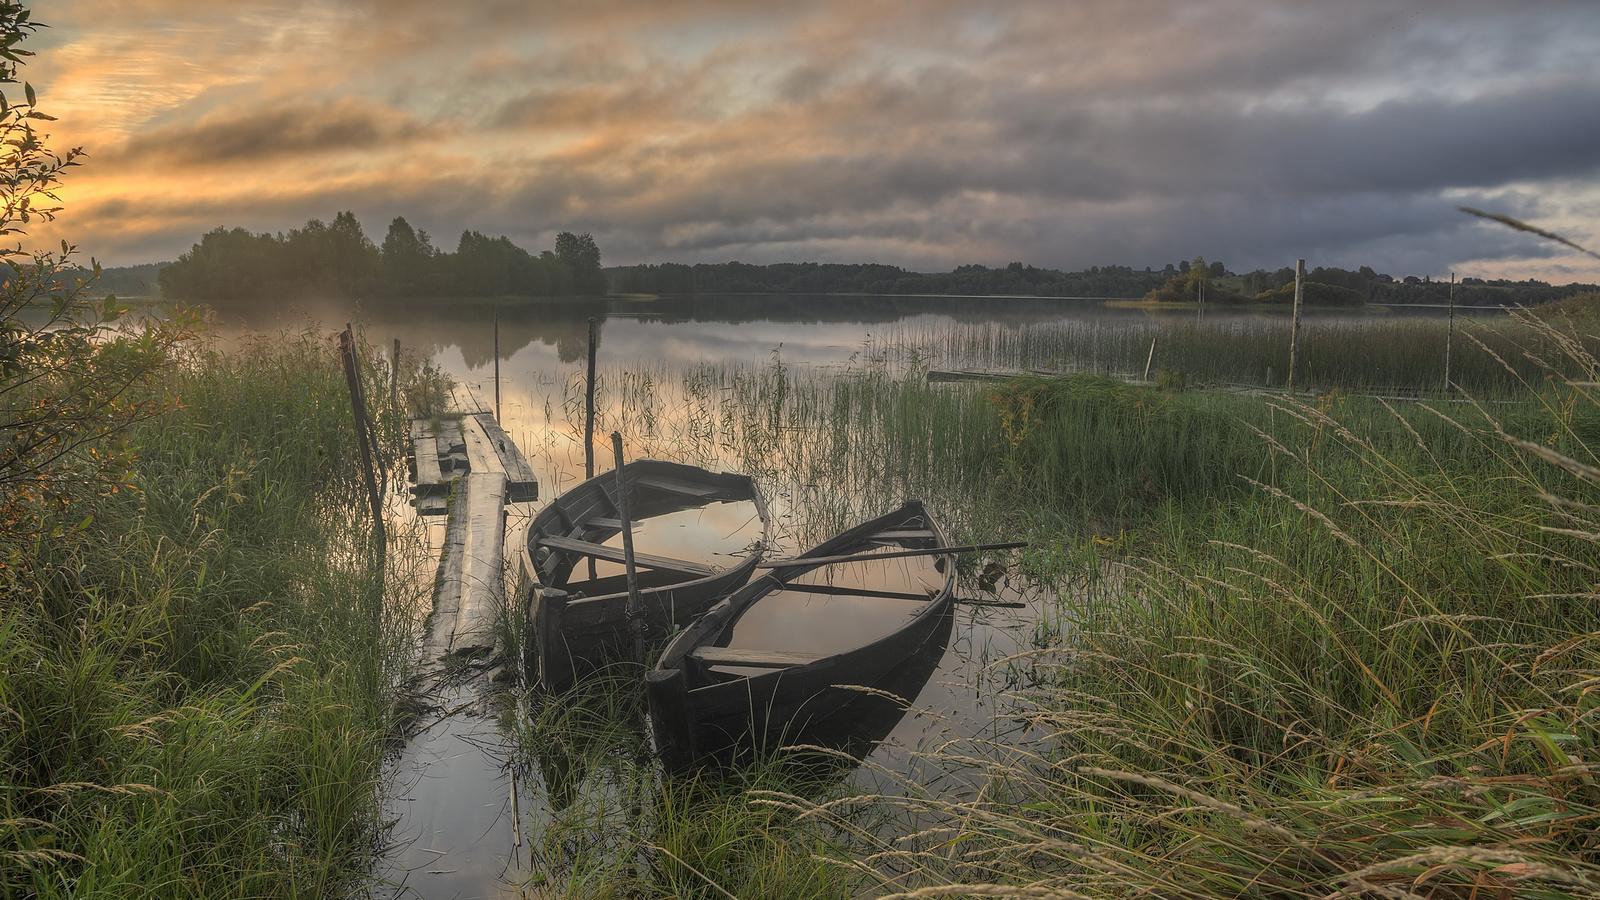 деревня, усть-река, республика карелия, пудожский р-он, закат